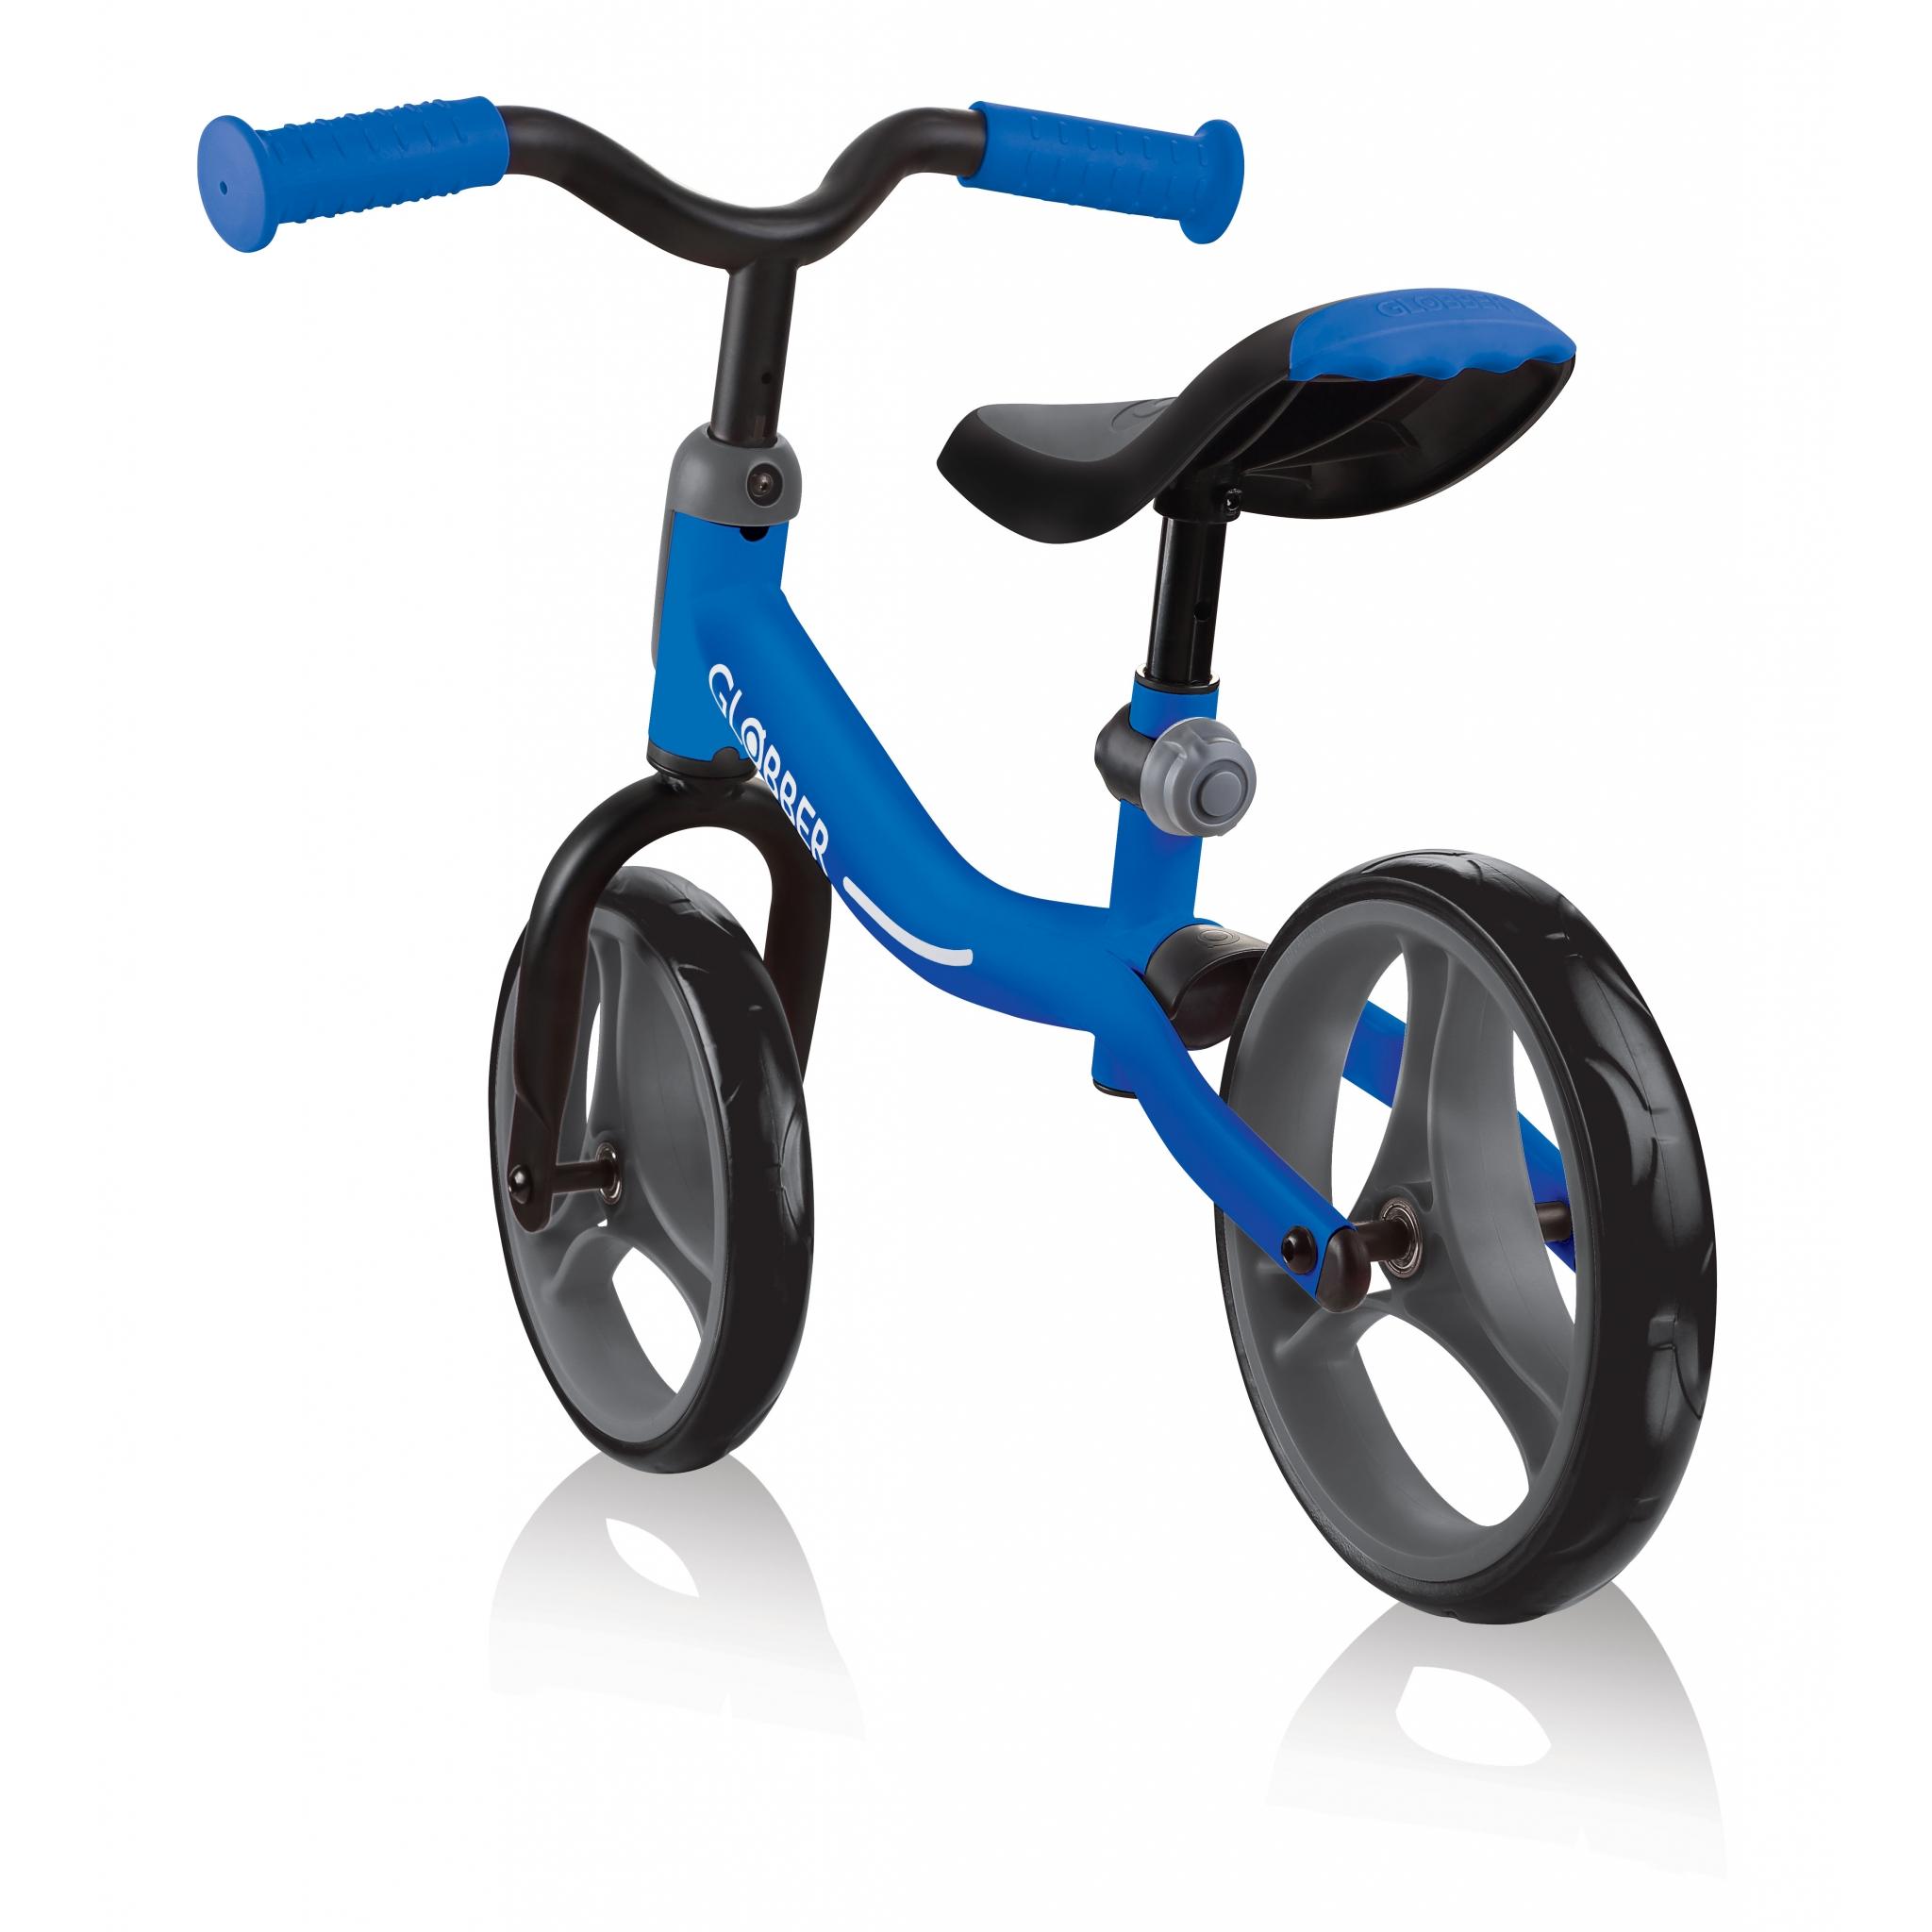 adjustable balance bike for toddlers - Globber GO BIKE